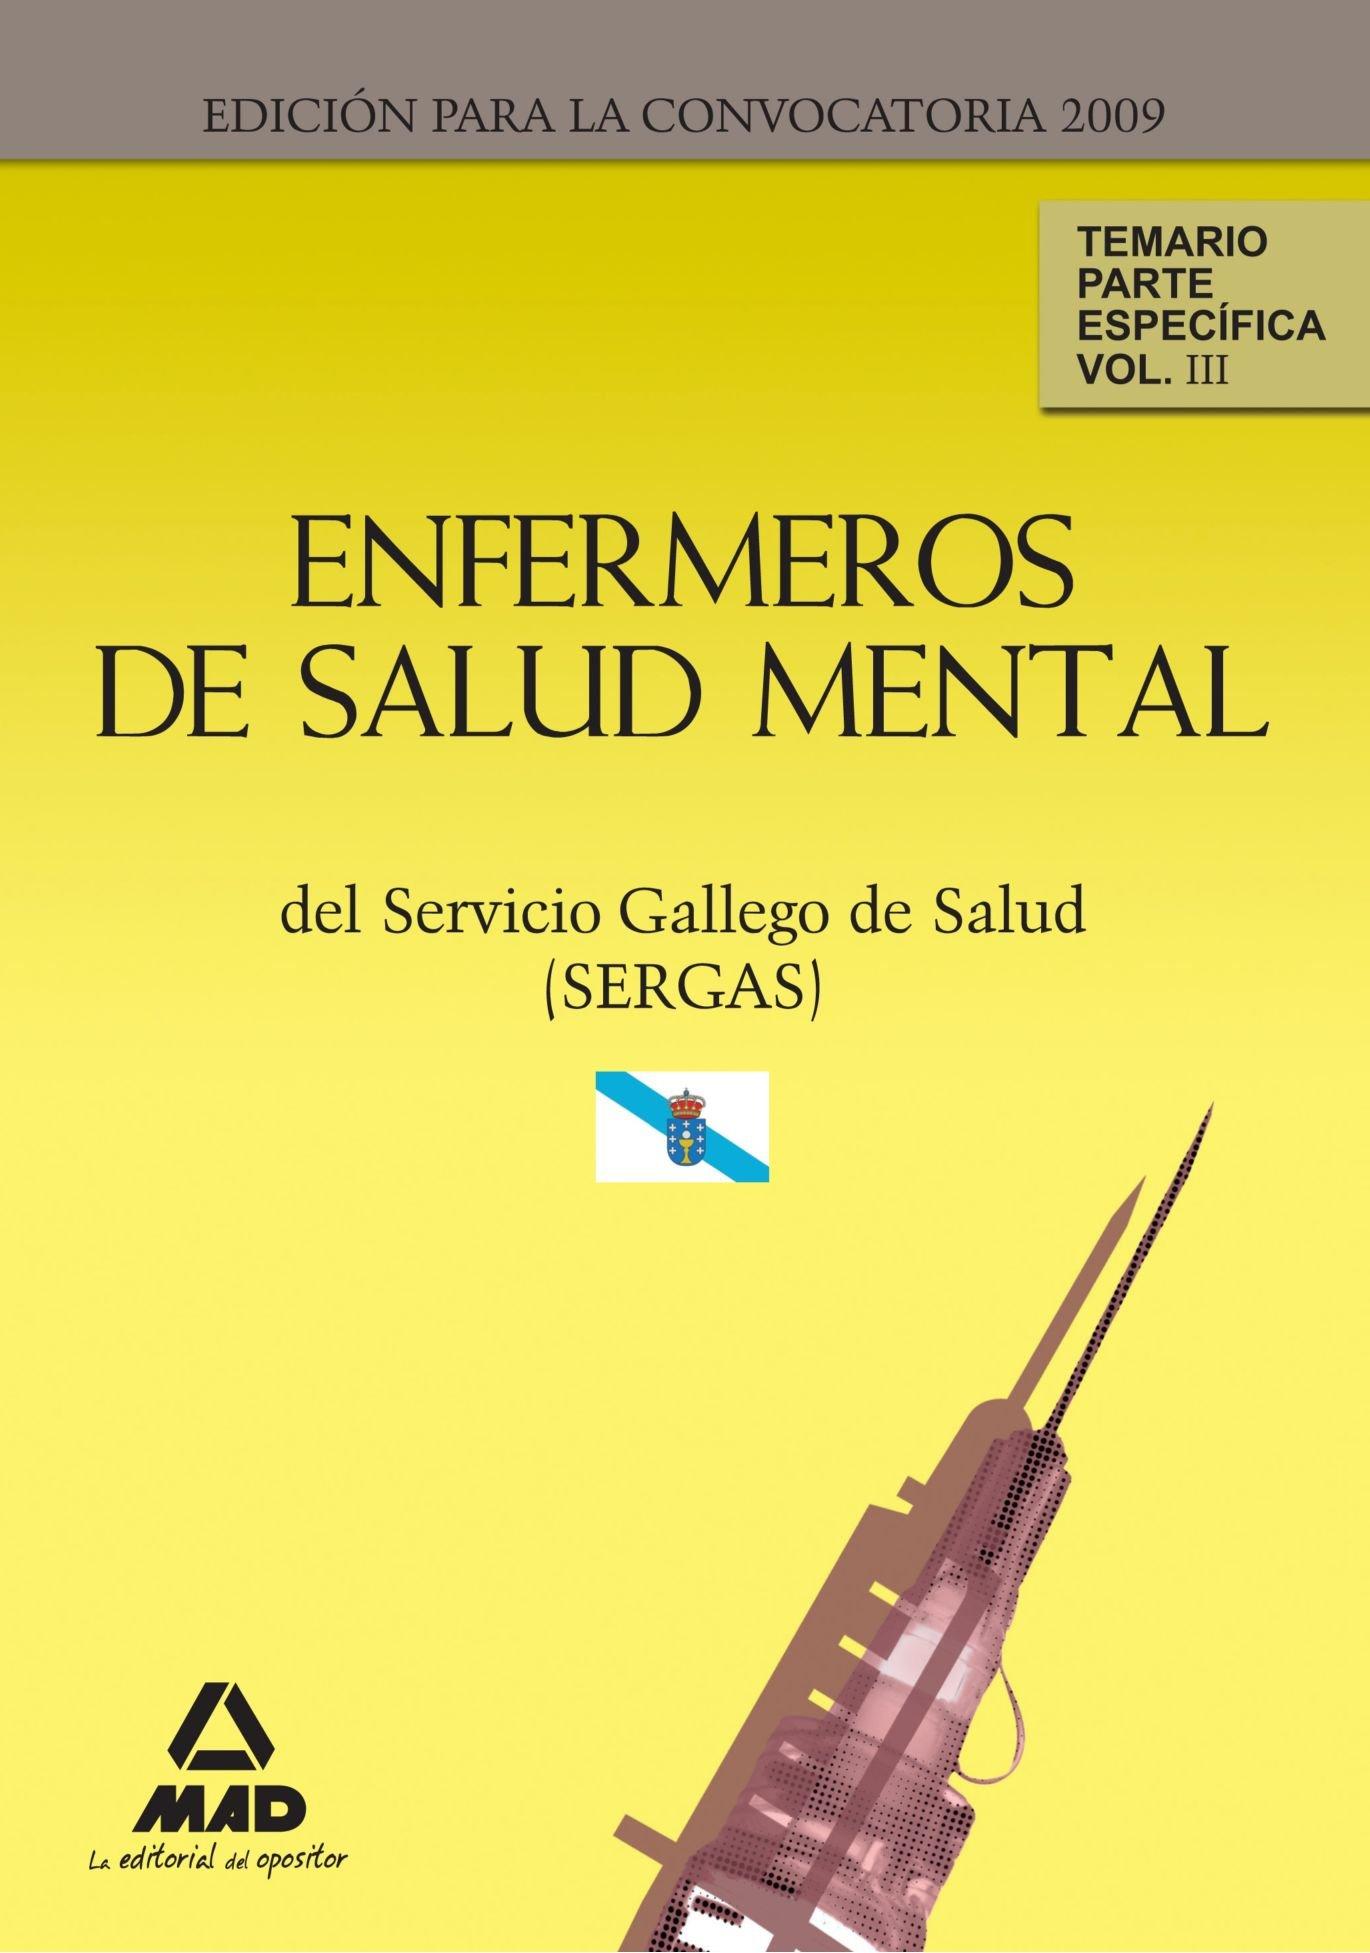 Enfermeros de Salud Mental del Servicio Gallego de Salud (SERGAS). Temario Parte Específica. Volumen III (Spanish Edition) PDF